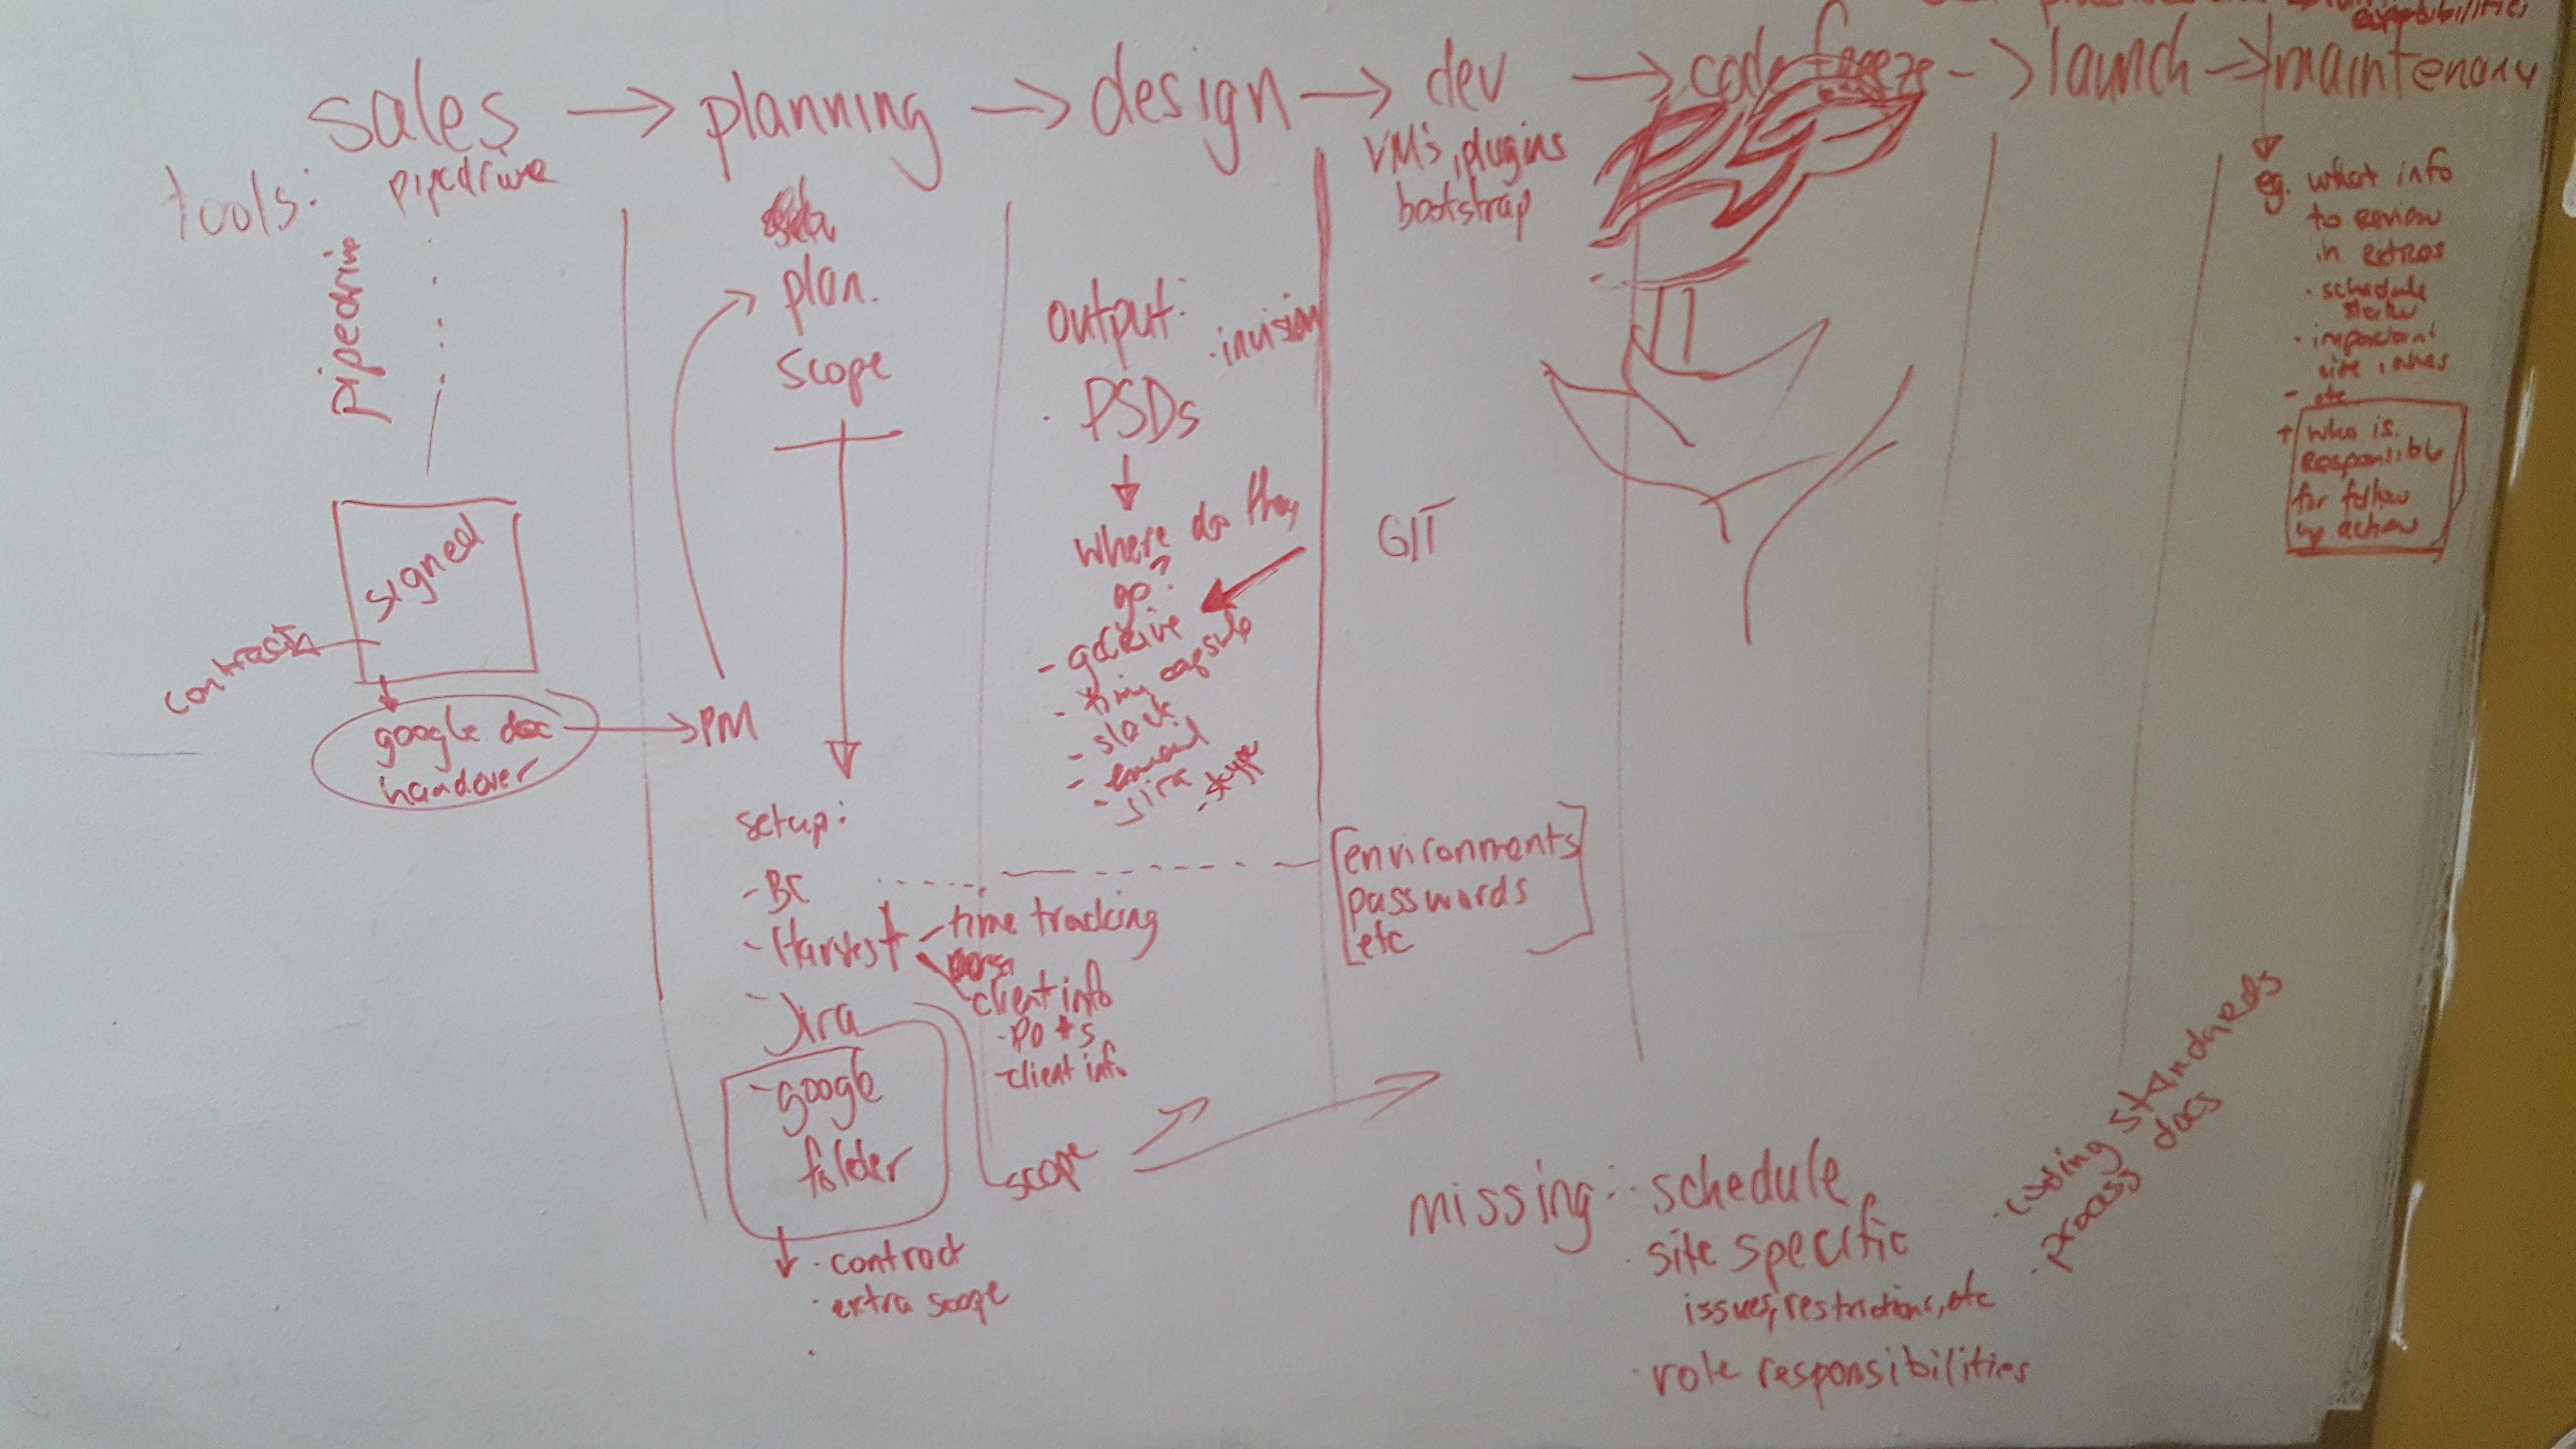 whiteboard process map